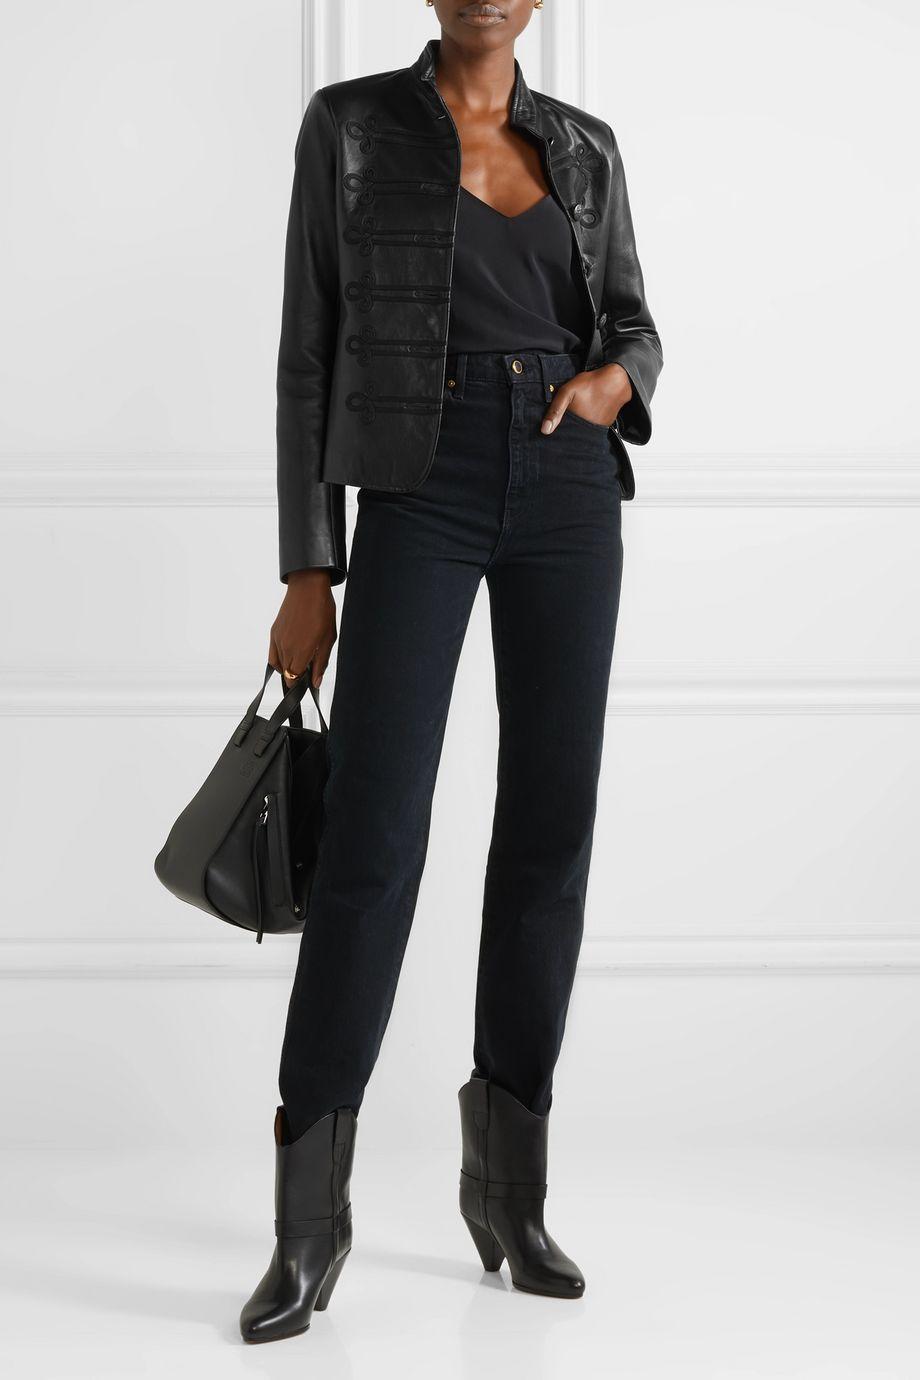 Nili Lotan Jules embroidered leather jacket